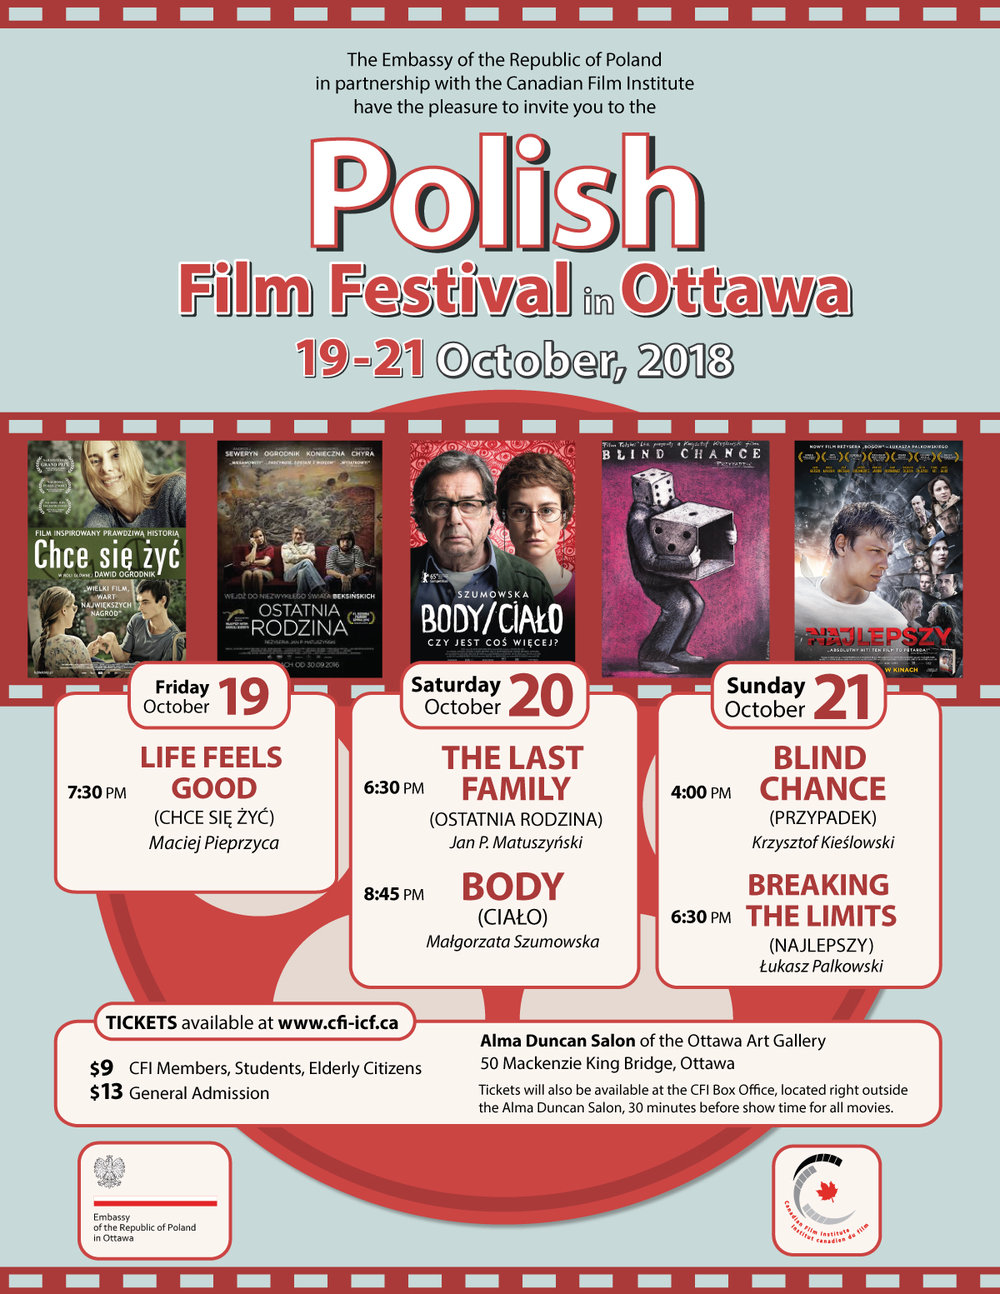 PolishFilmFestival2018_v2.jpg